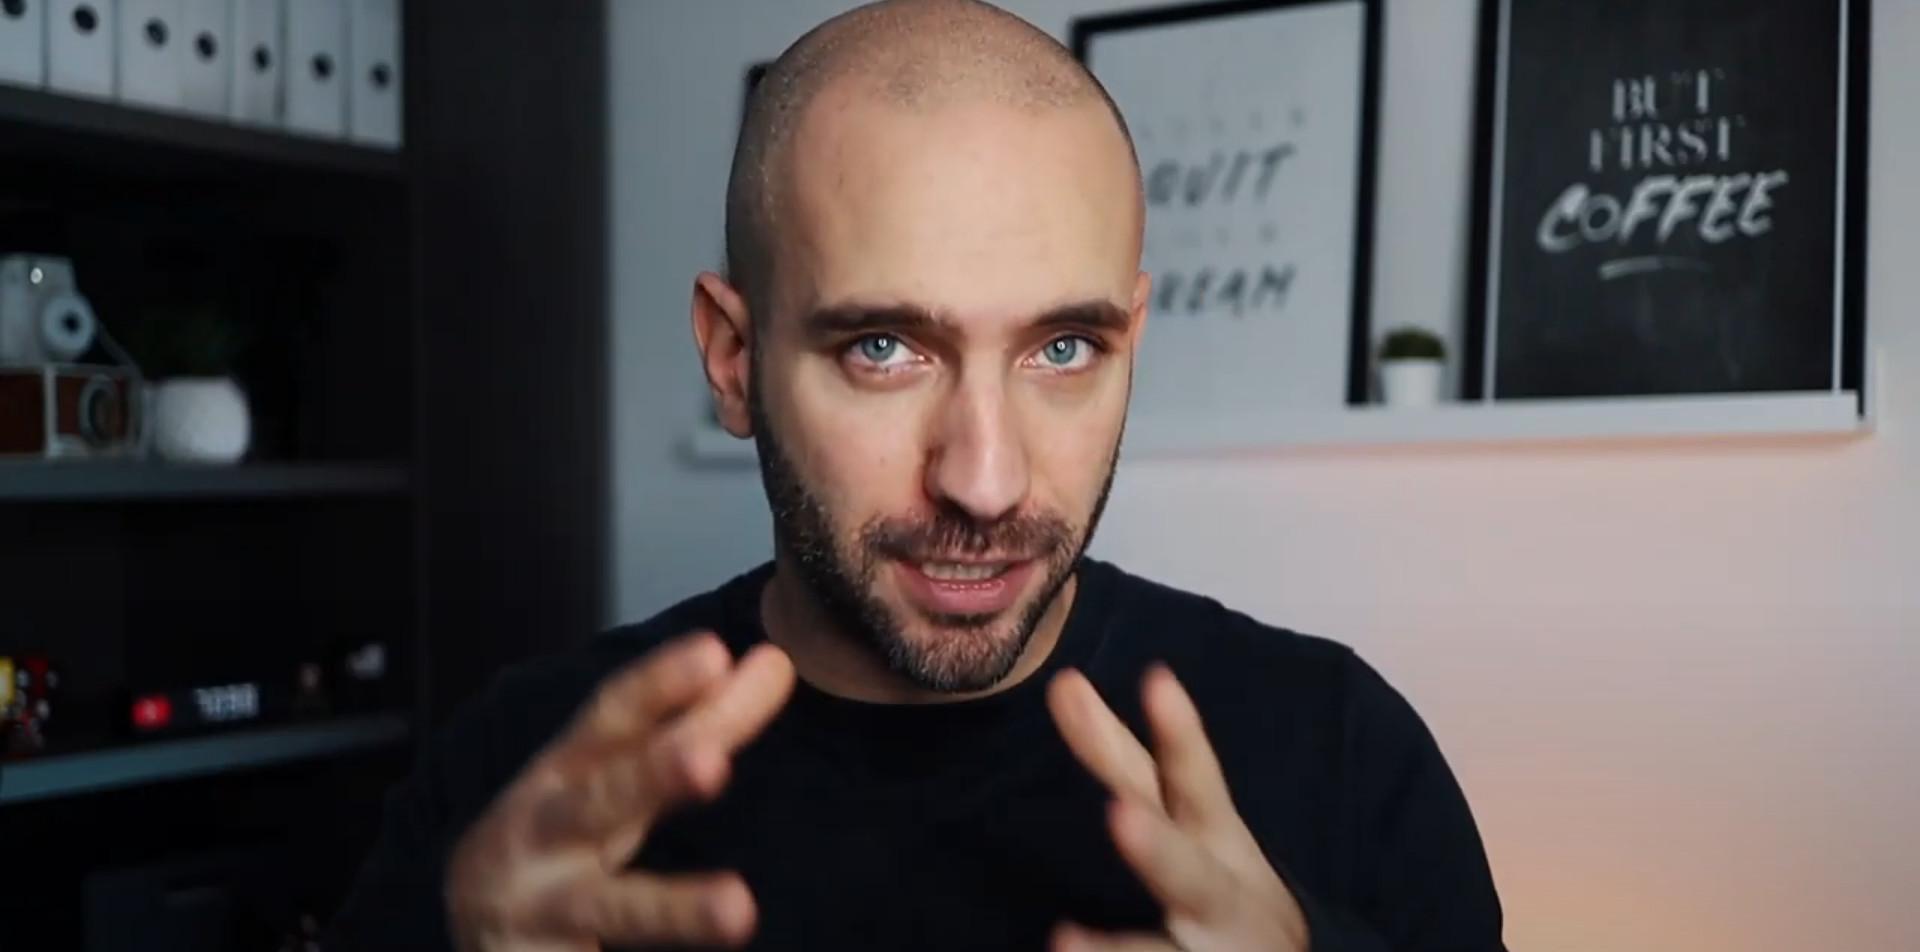 Comment faire une bonne vidéo YouTube (mes 5 astuces pour réussir)